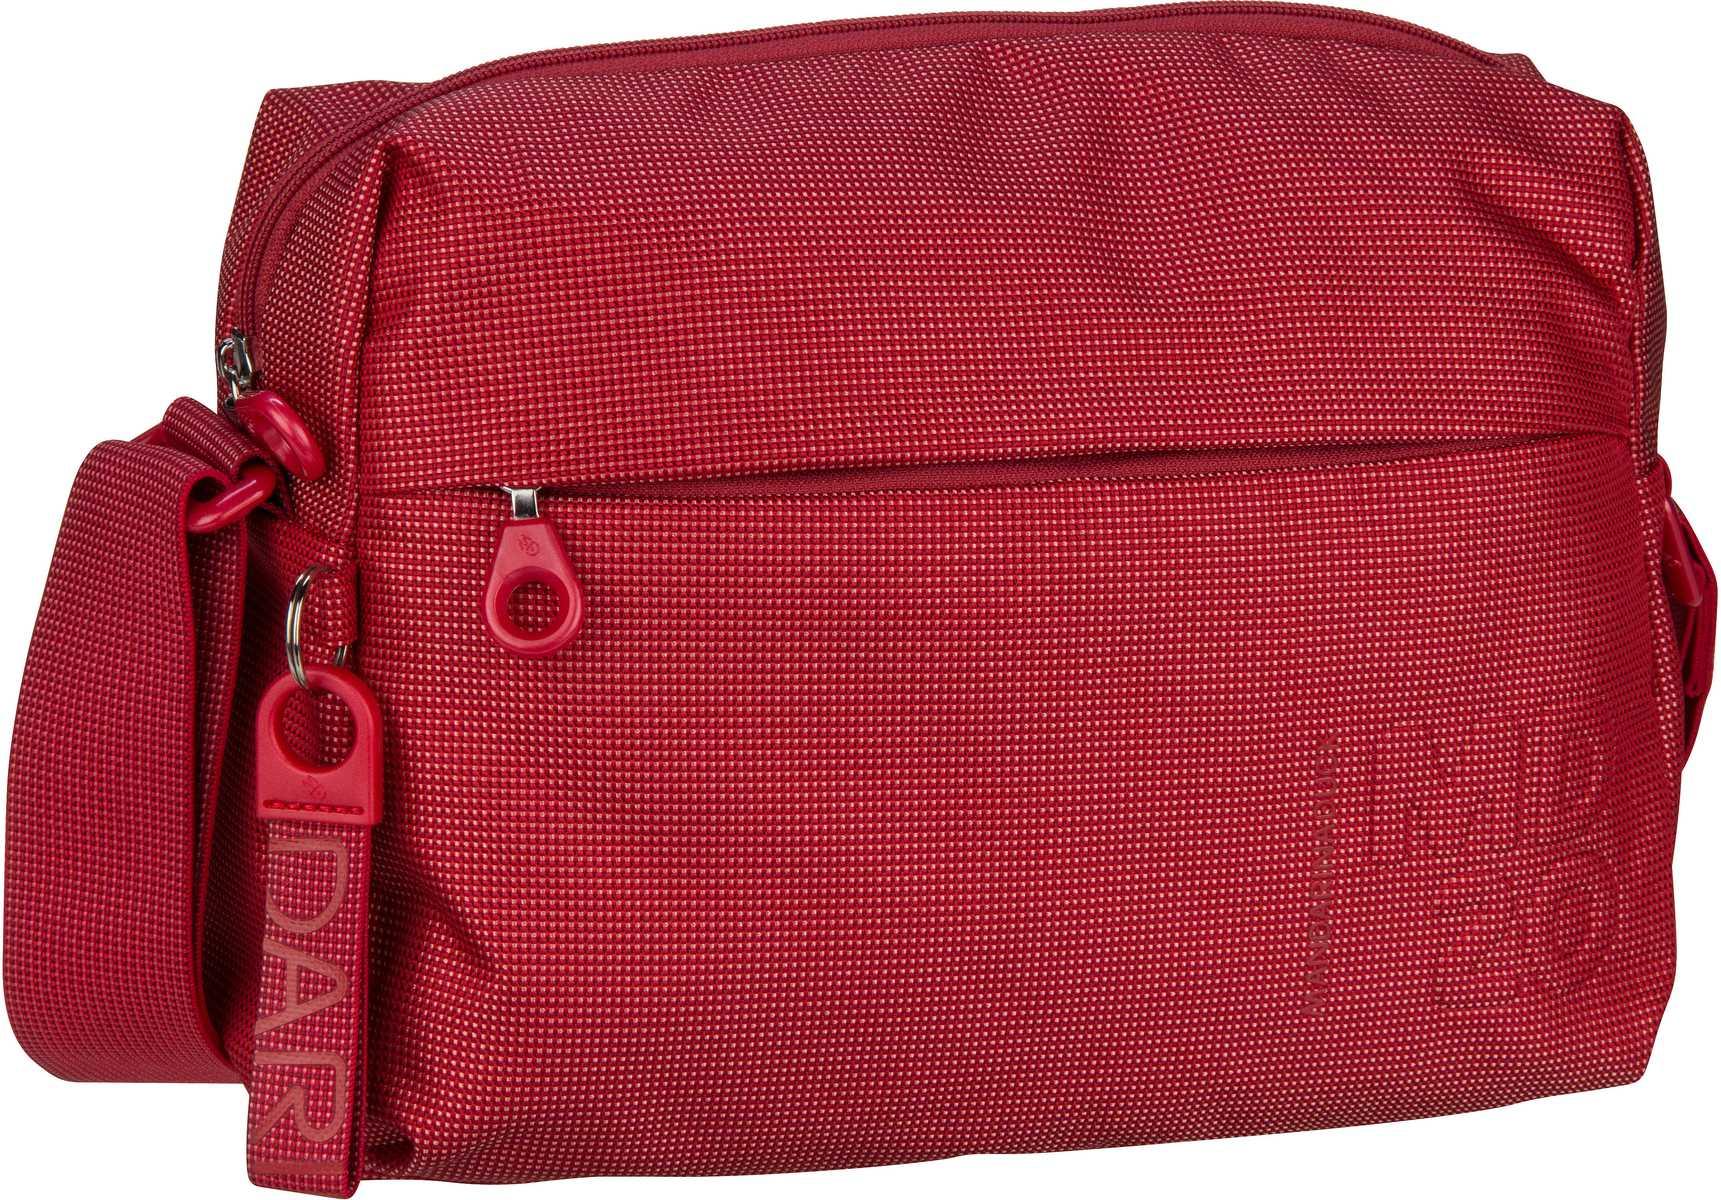 Umhängetasche MD20 Crossover Bag QMTV8 Flame Scarlet